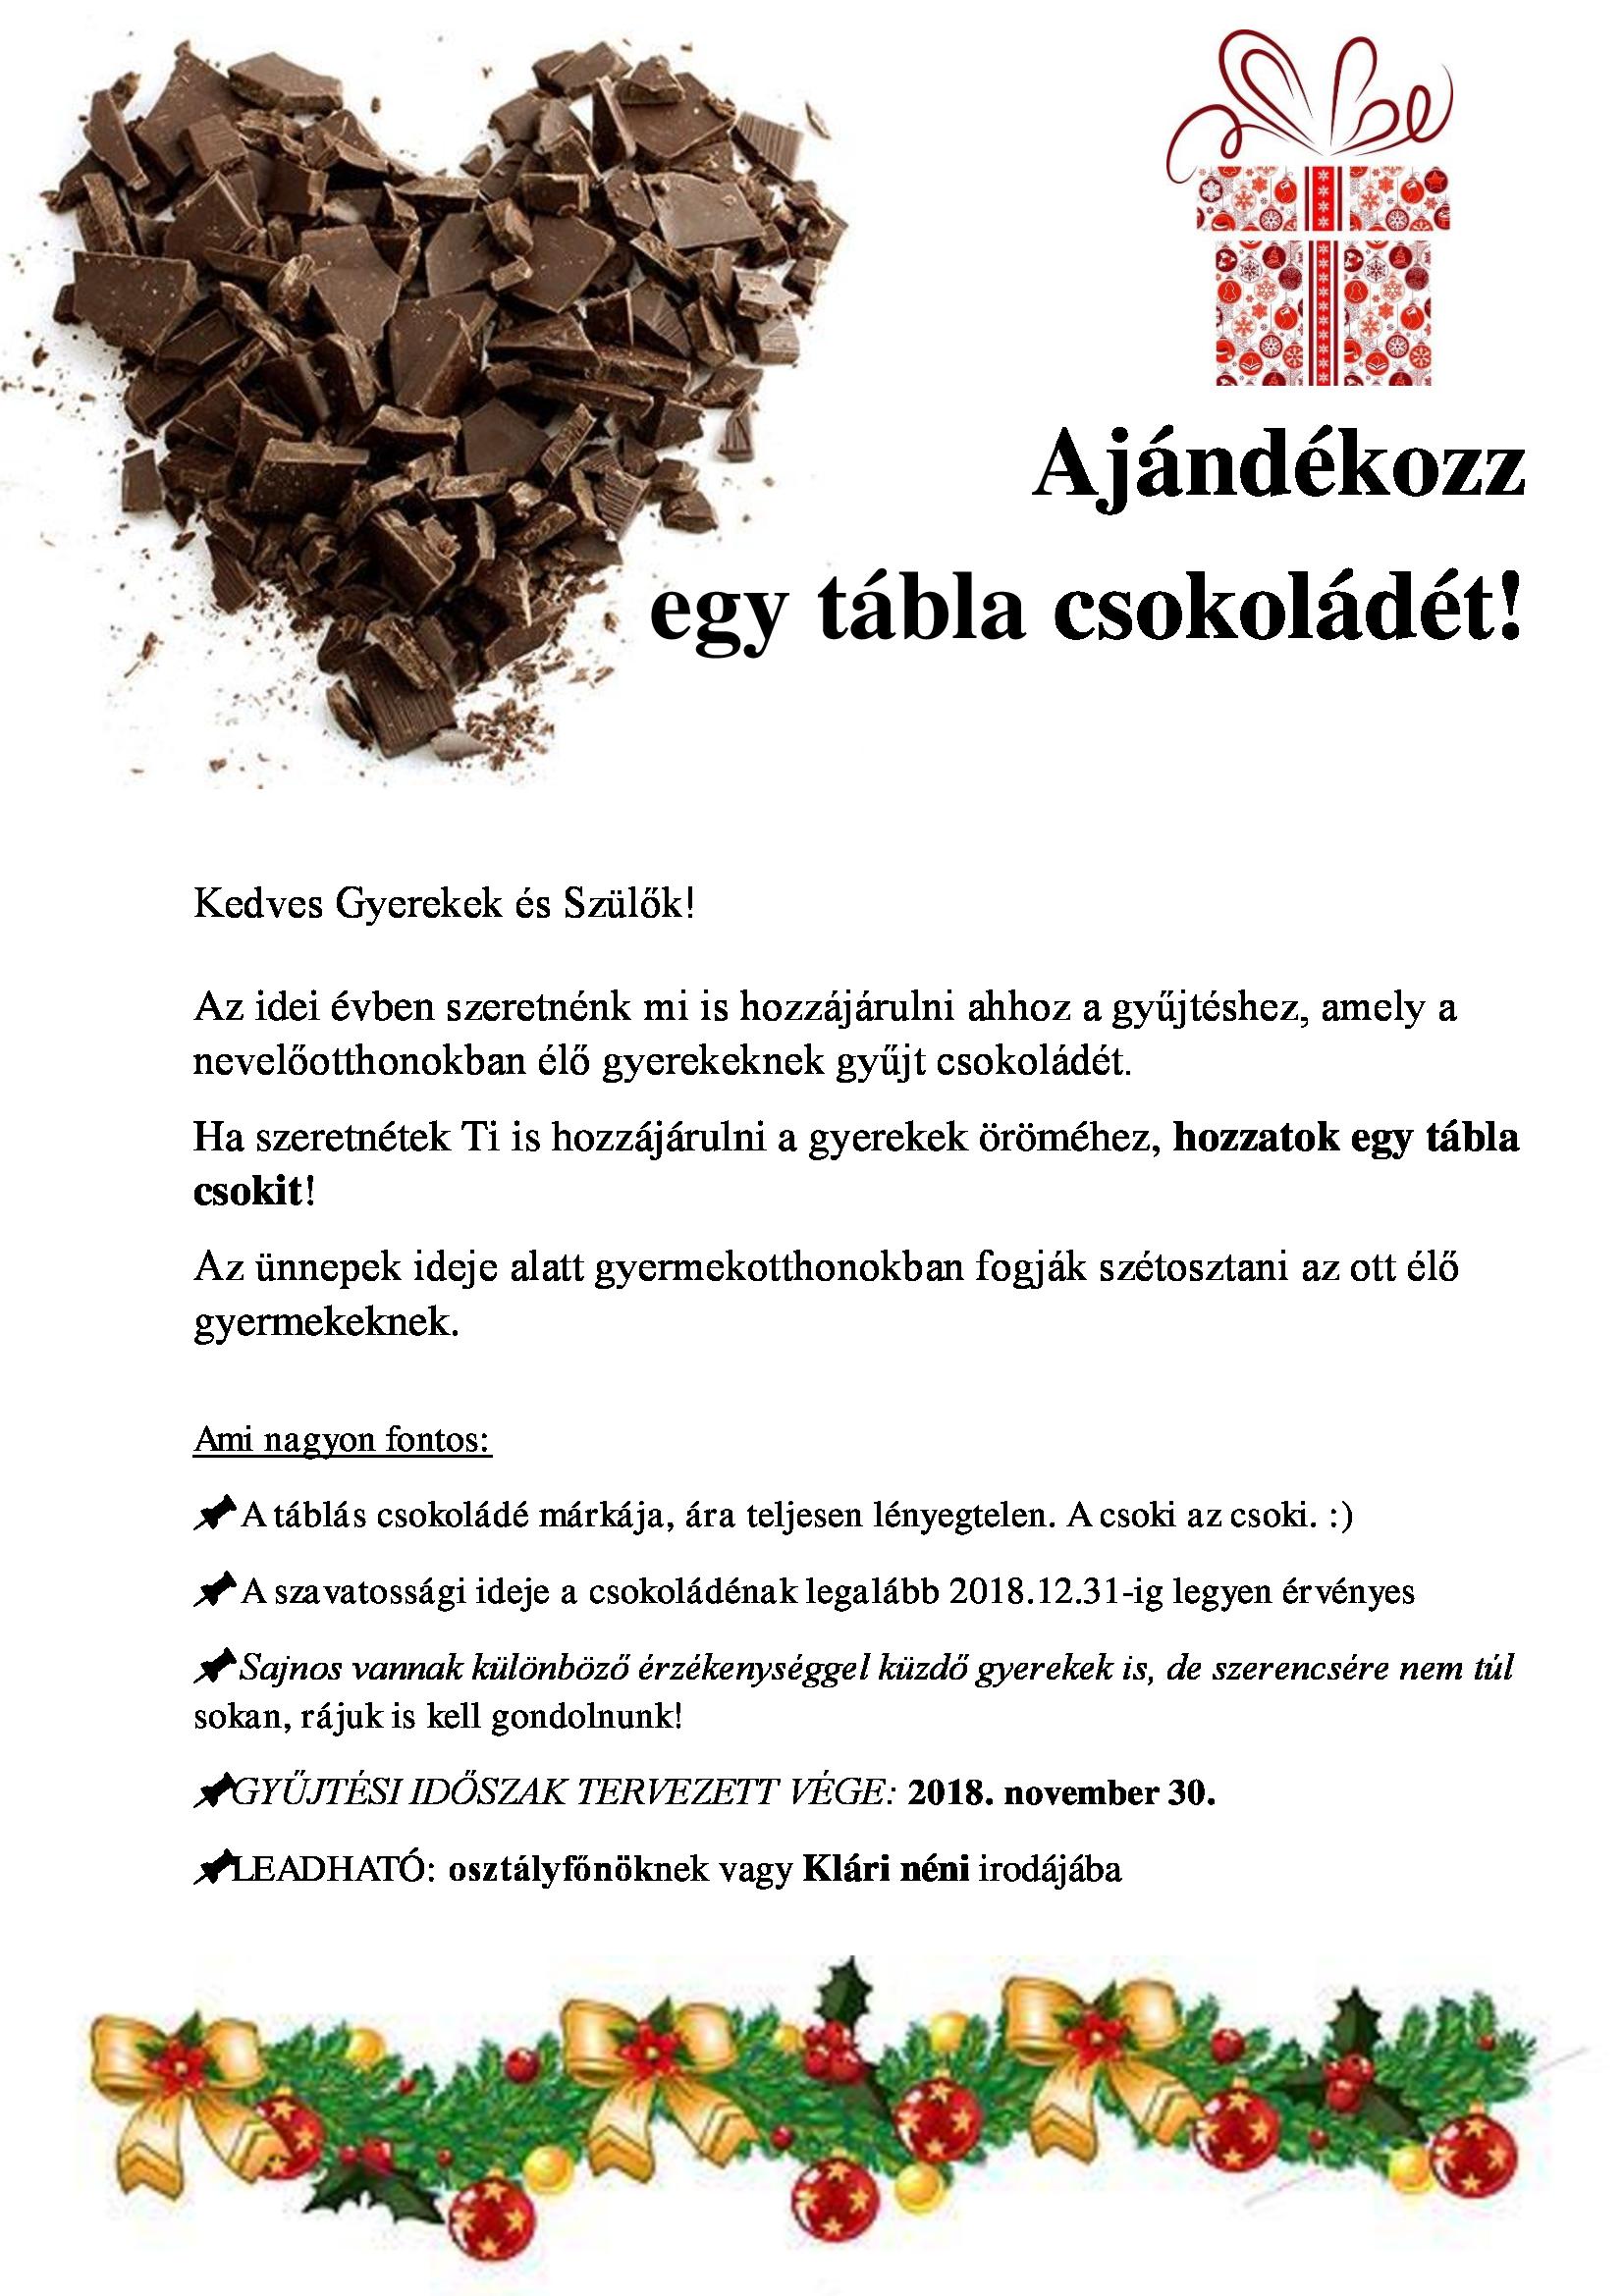 ajandekozz-egy-tabla-csokoladet.jpg